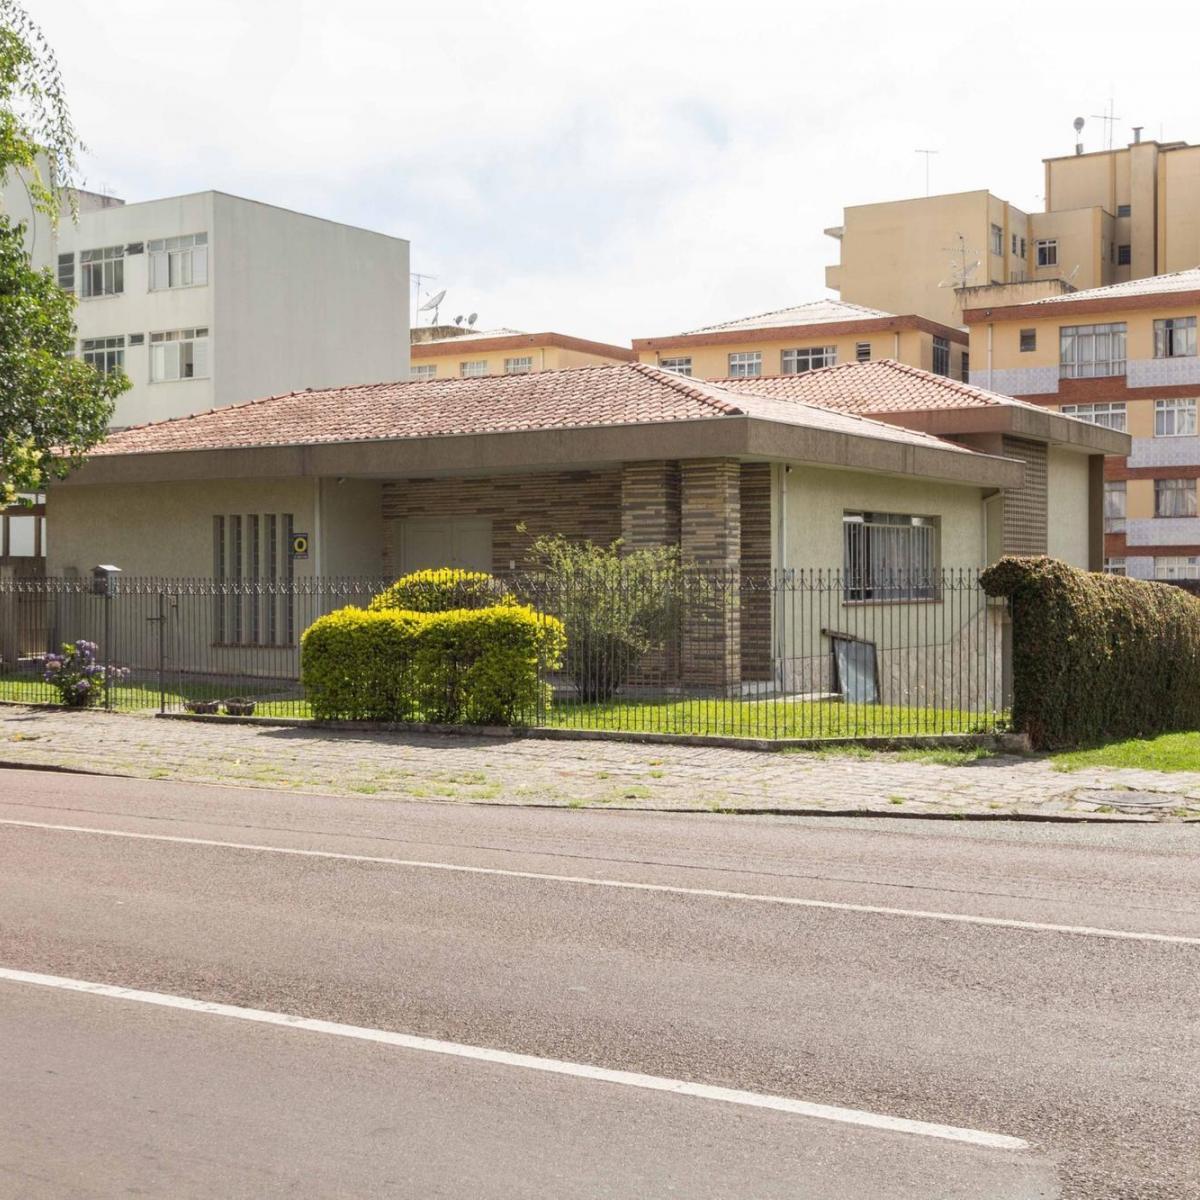 http://www.infocenterhost2.com.br/crm/fotosimovel/387715/97846675-casa-curitiba-juveve.jpg